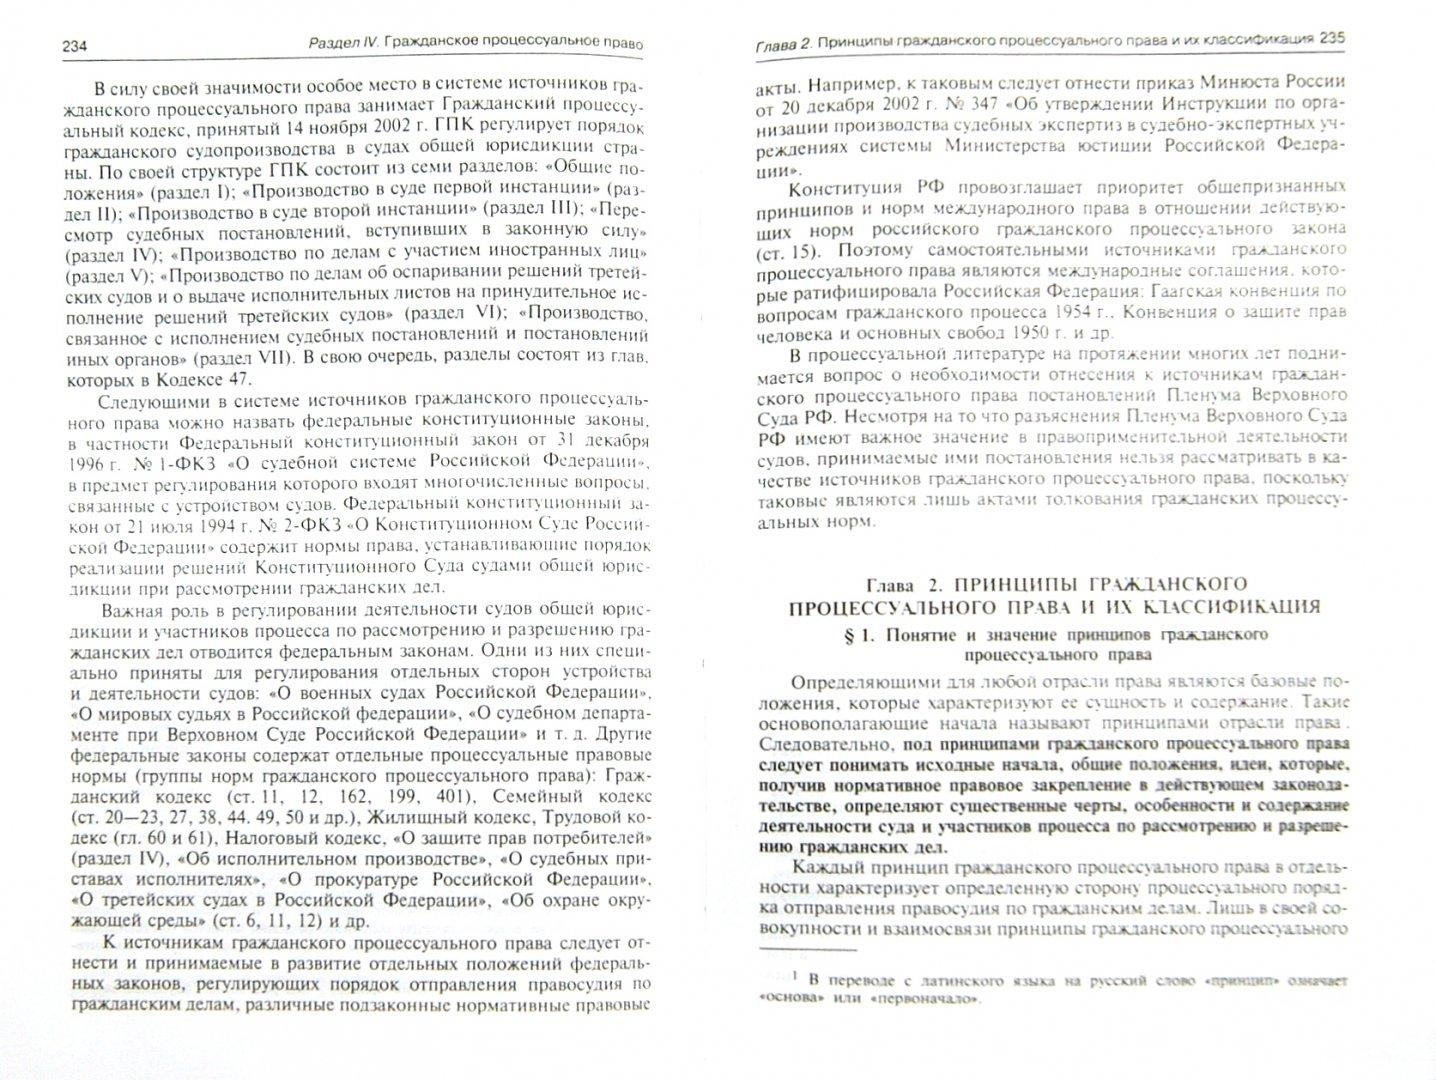 Иллюстрация 1 из 2 для Правоведение. Учебник для неюридических вузов - Кутафин, Блажеев, Артеменков, Веденин   Лабиринт - книги. Источник: Лабиринт